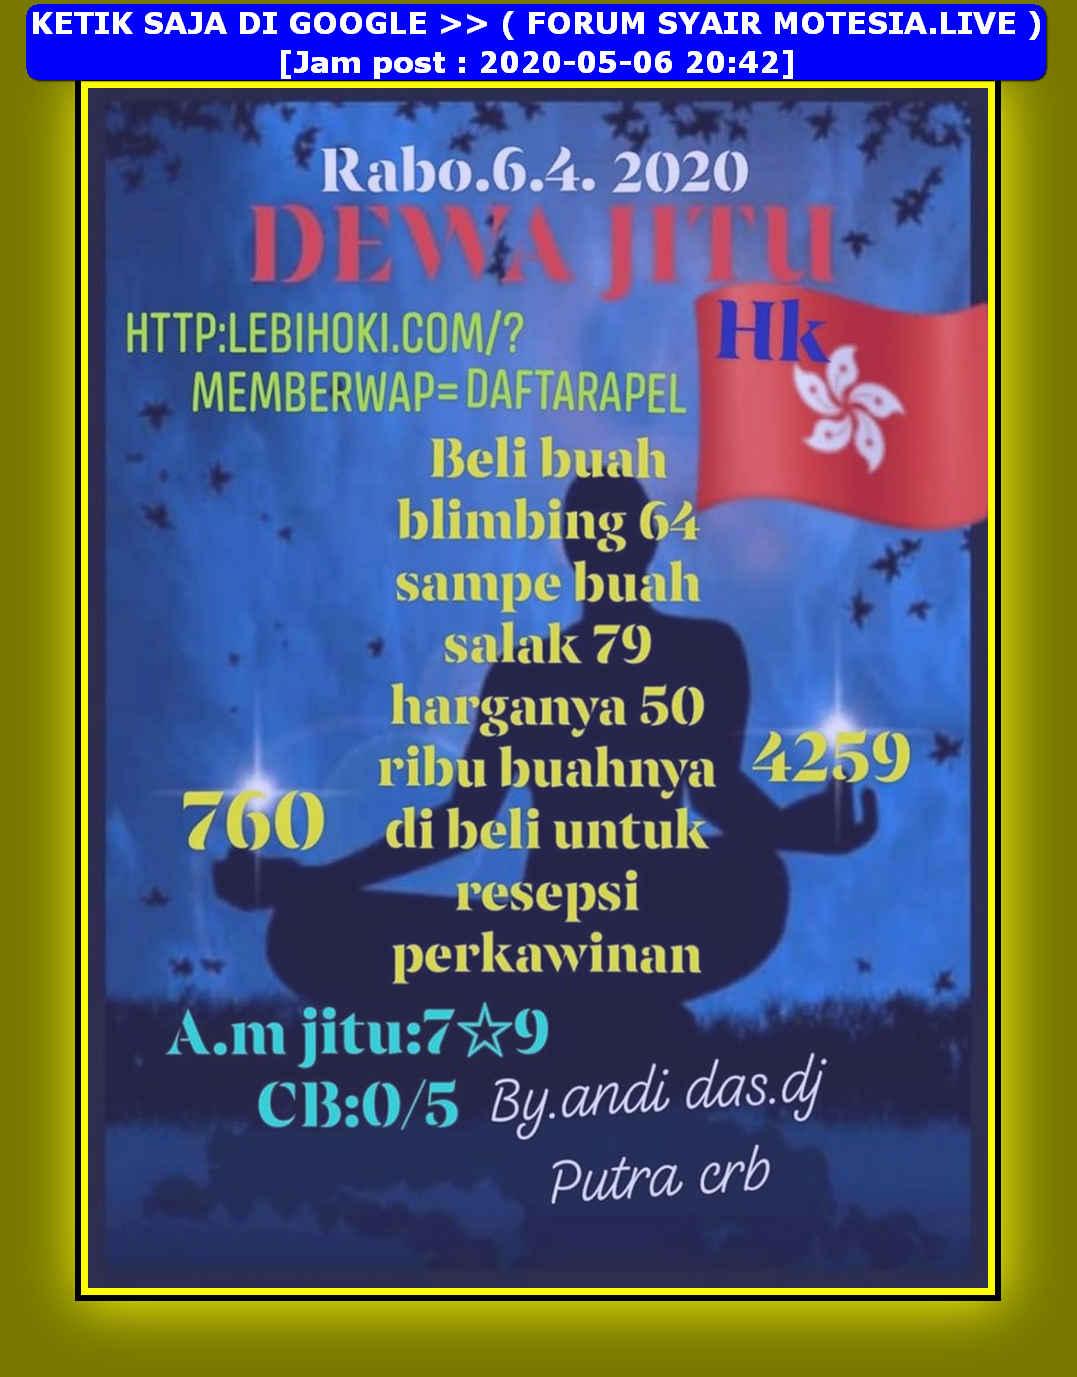 Kode syair Hongkong Rabu 6 Mei 2020 17